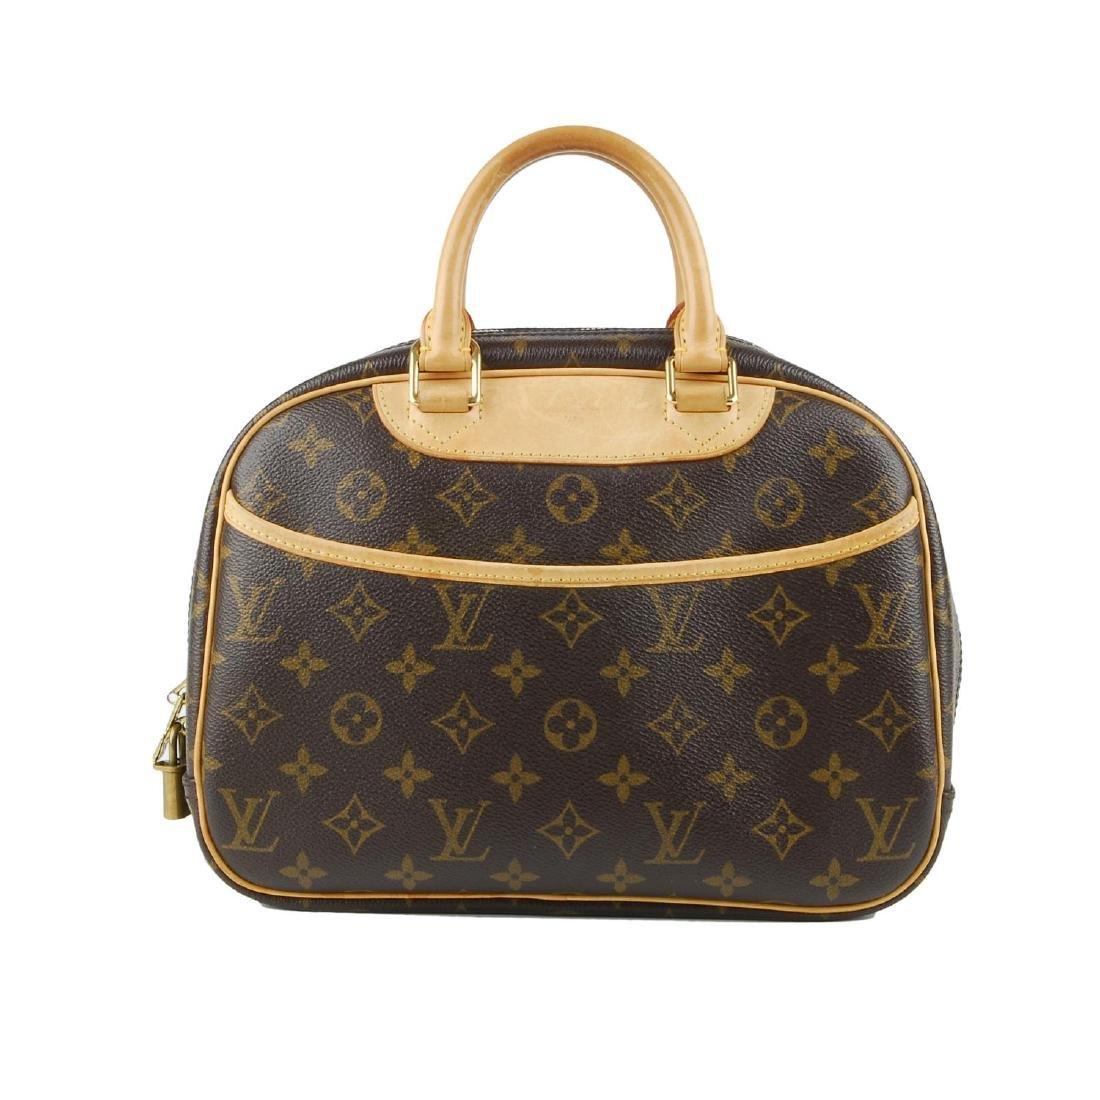 LOUIS VUITTON - a Monogram Trouville handbag. Featuring